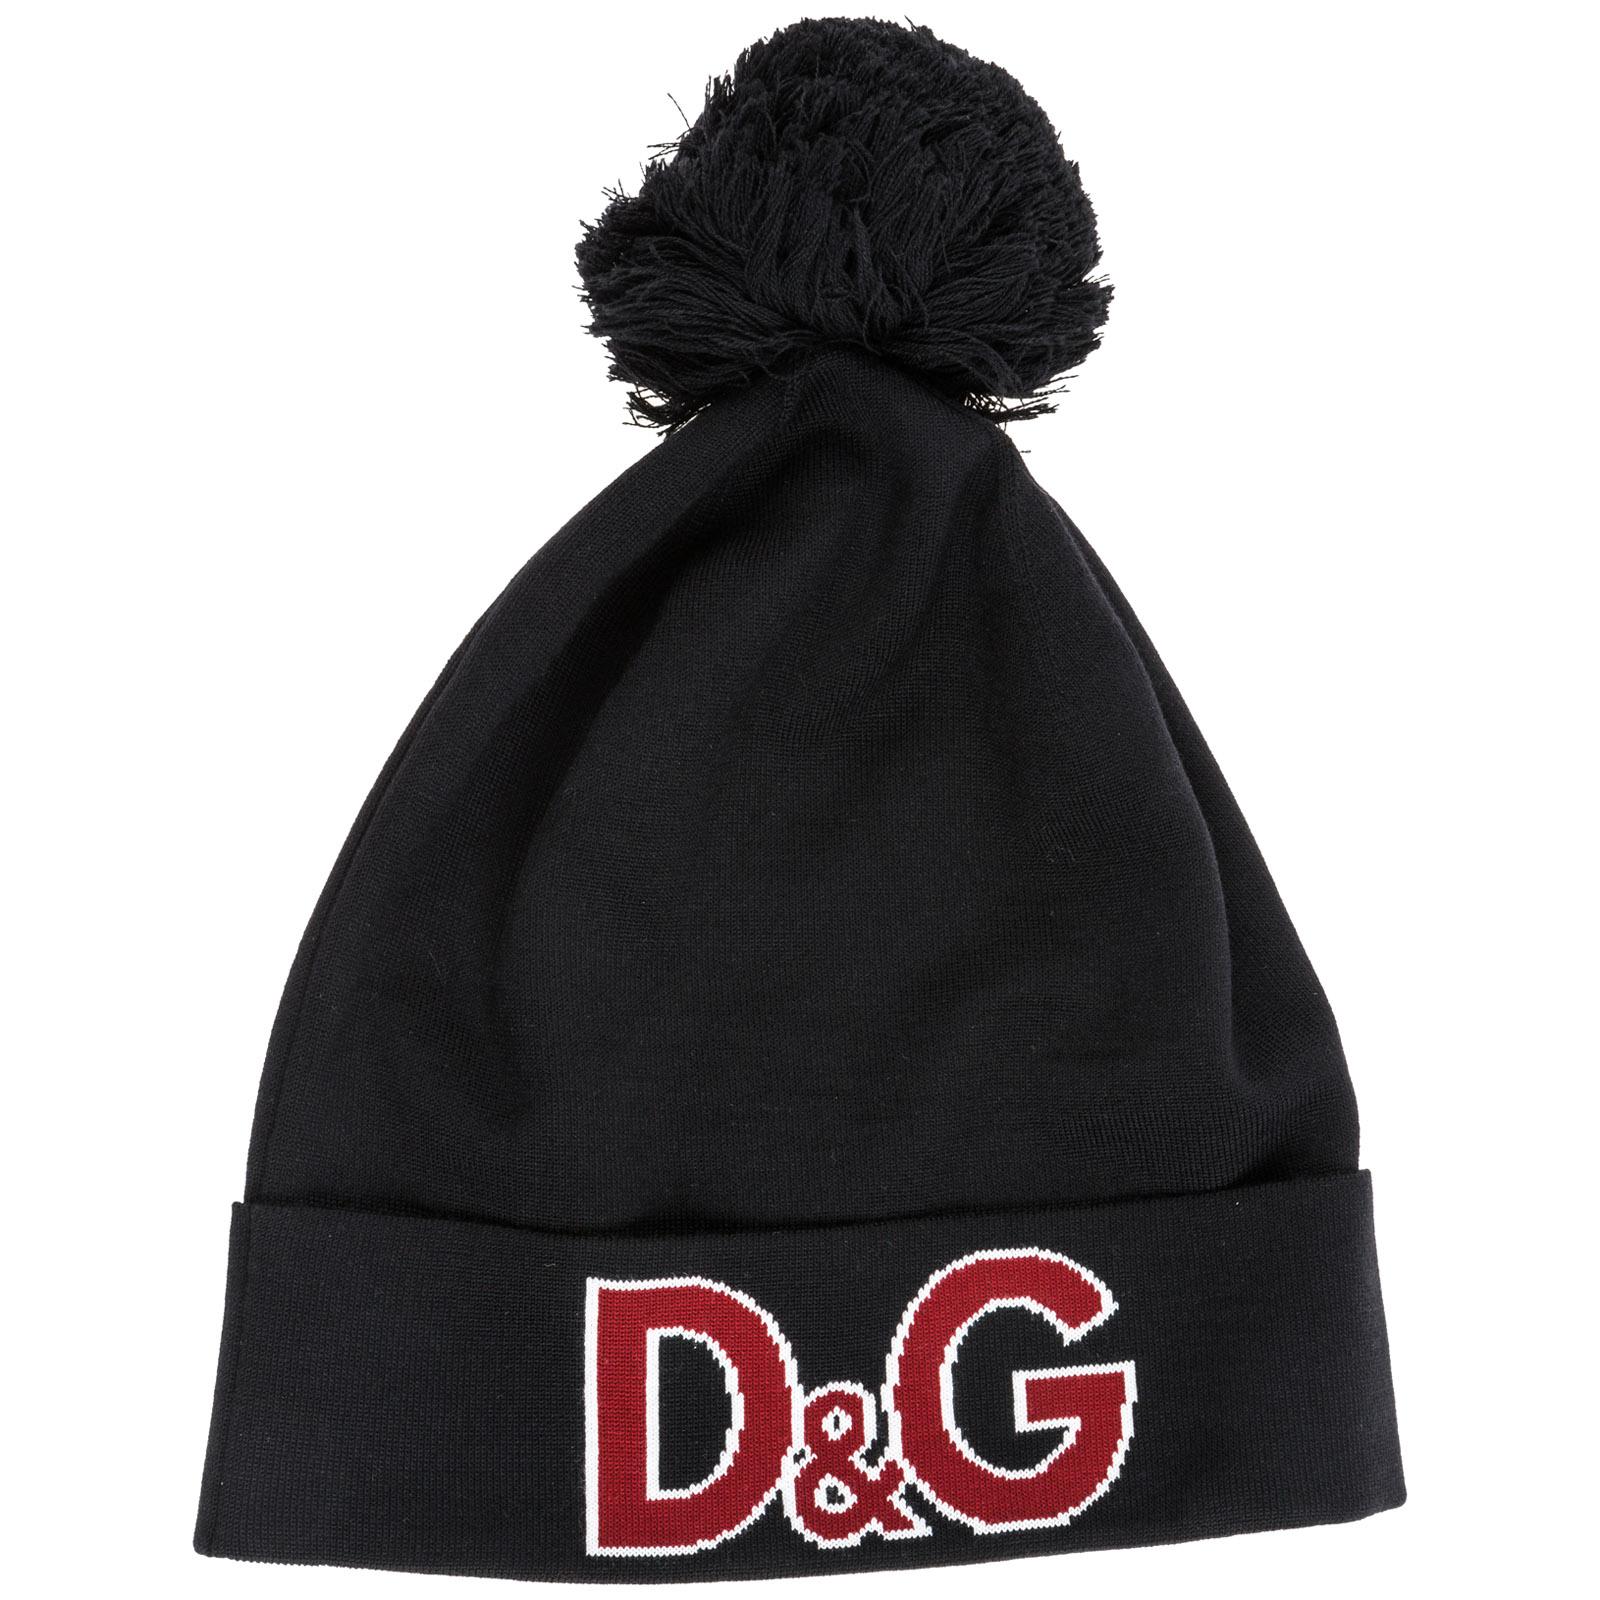 Women's wool beanie hat